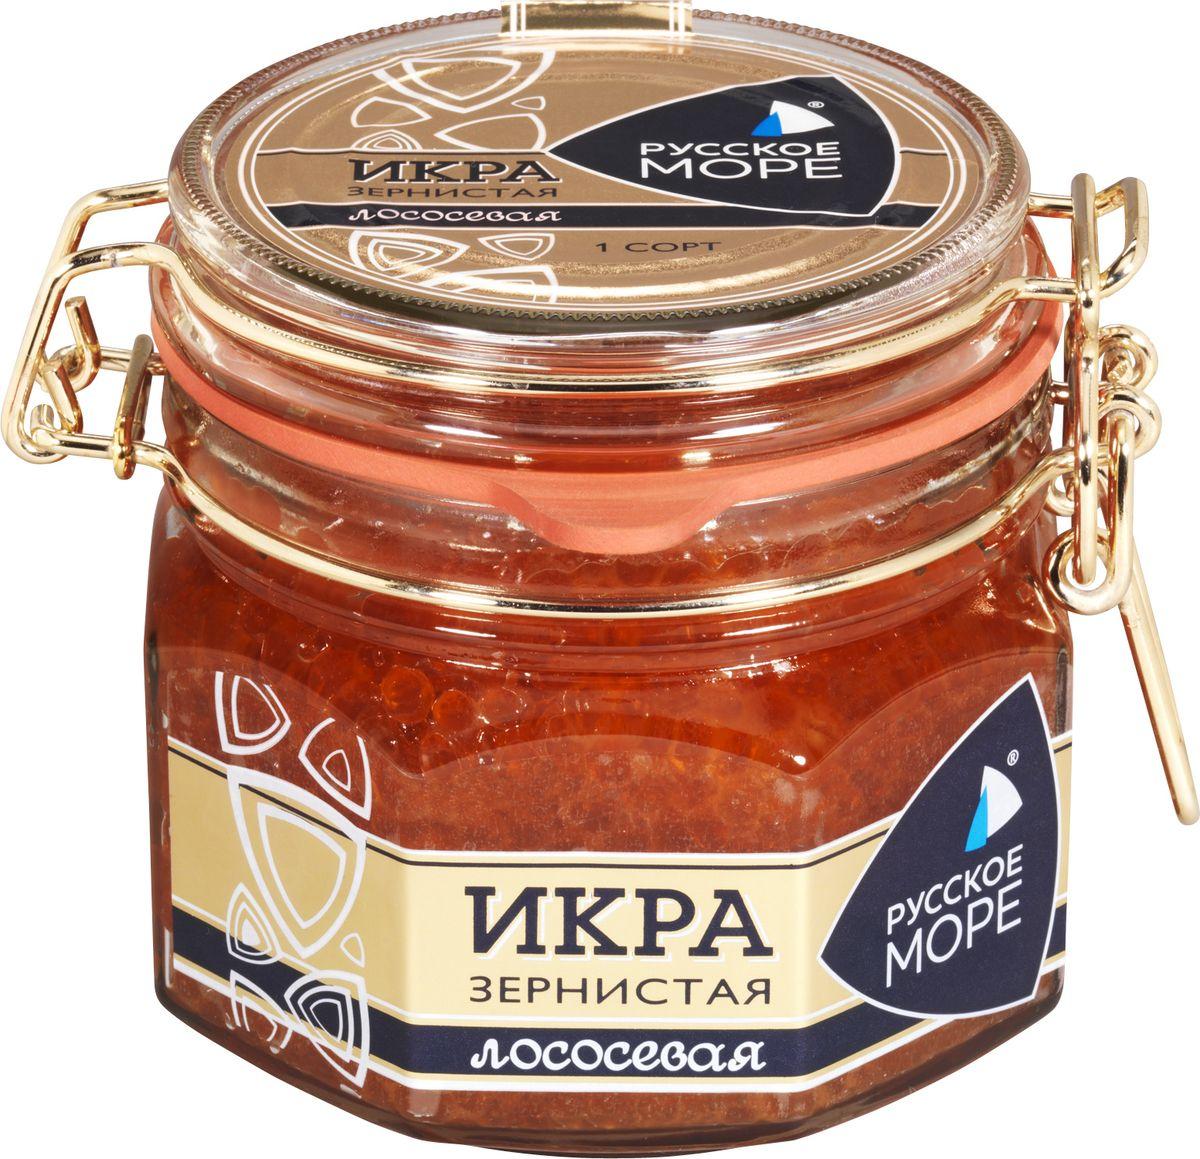 Русское Море Икра зернистая лососевая, 500 г икра сига купить в москве